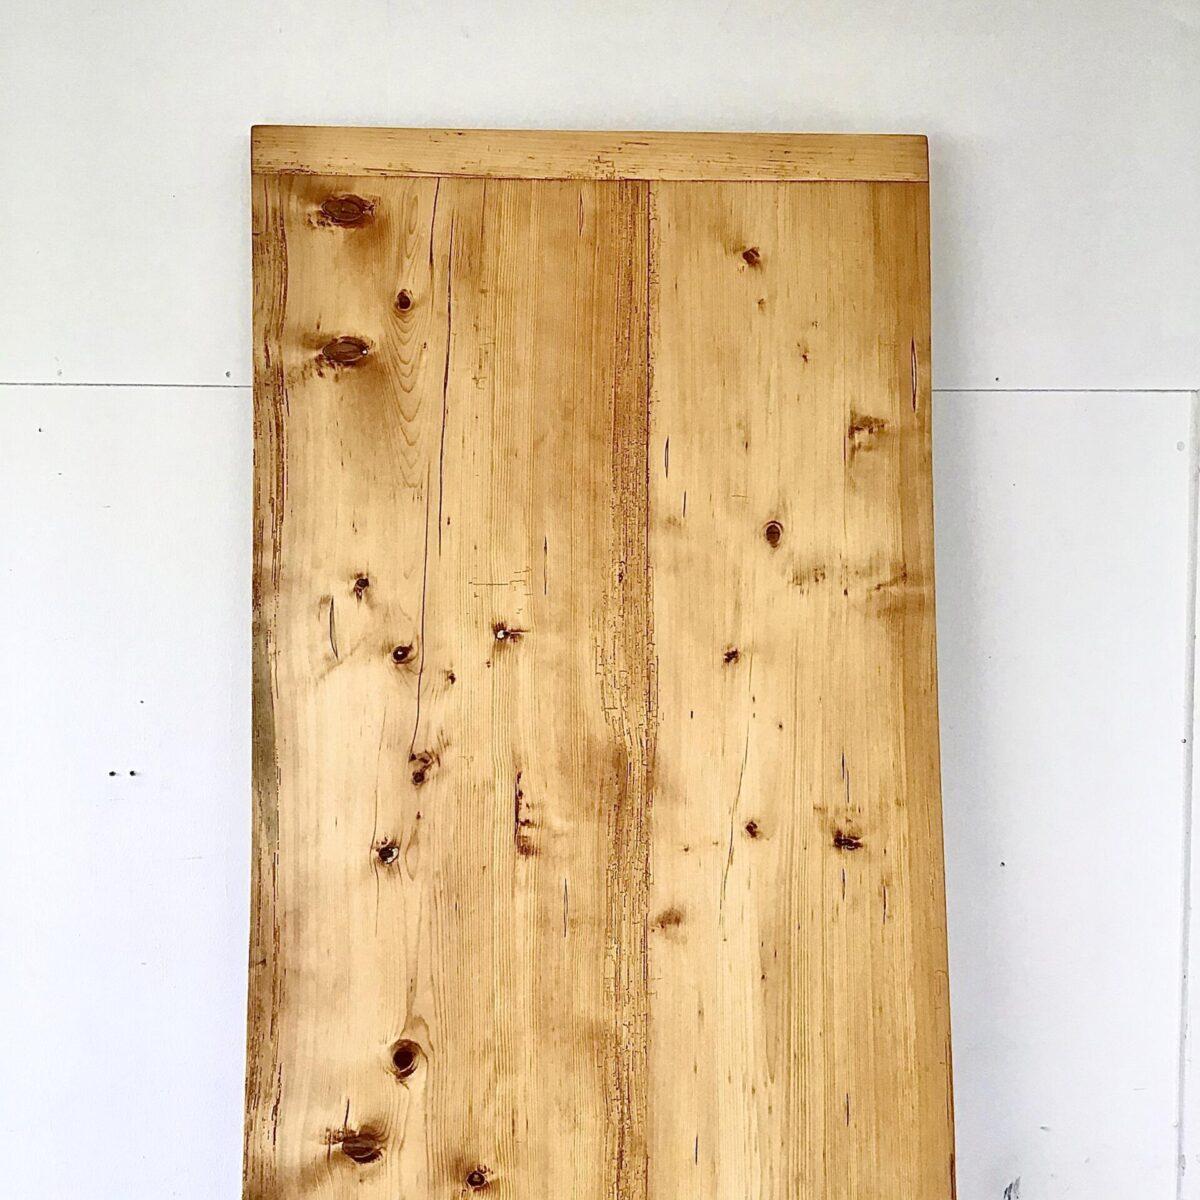 Alter Tannenholz Biedermeiertisch. 242x88cm Höhe 76cm. Dieser Zargentisch ist frisch aufbereitet, filigrane Leichtfüssige Beine und angenehme Beinfreiheit. An dem Esstisch finden 8-10 Personen Platz. Der Holzwurm war mal etwas fleissig, ist jedoch alles in stabilem Zustand. Das Tischblatt ist mittels Holzzapfen schwimmend aufgelegt. Auch von den horgenglarus Haefeli Stühlen sind noch welche vorhanden.